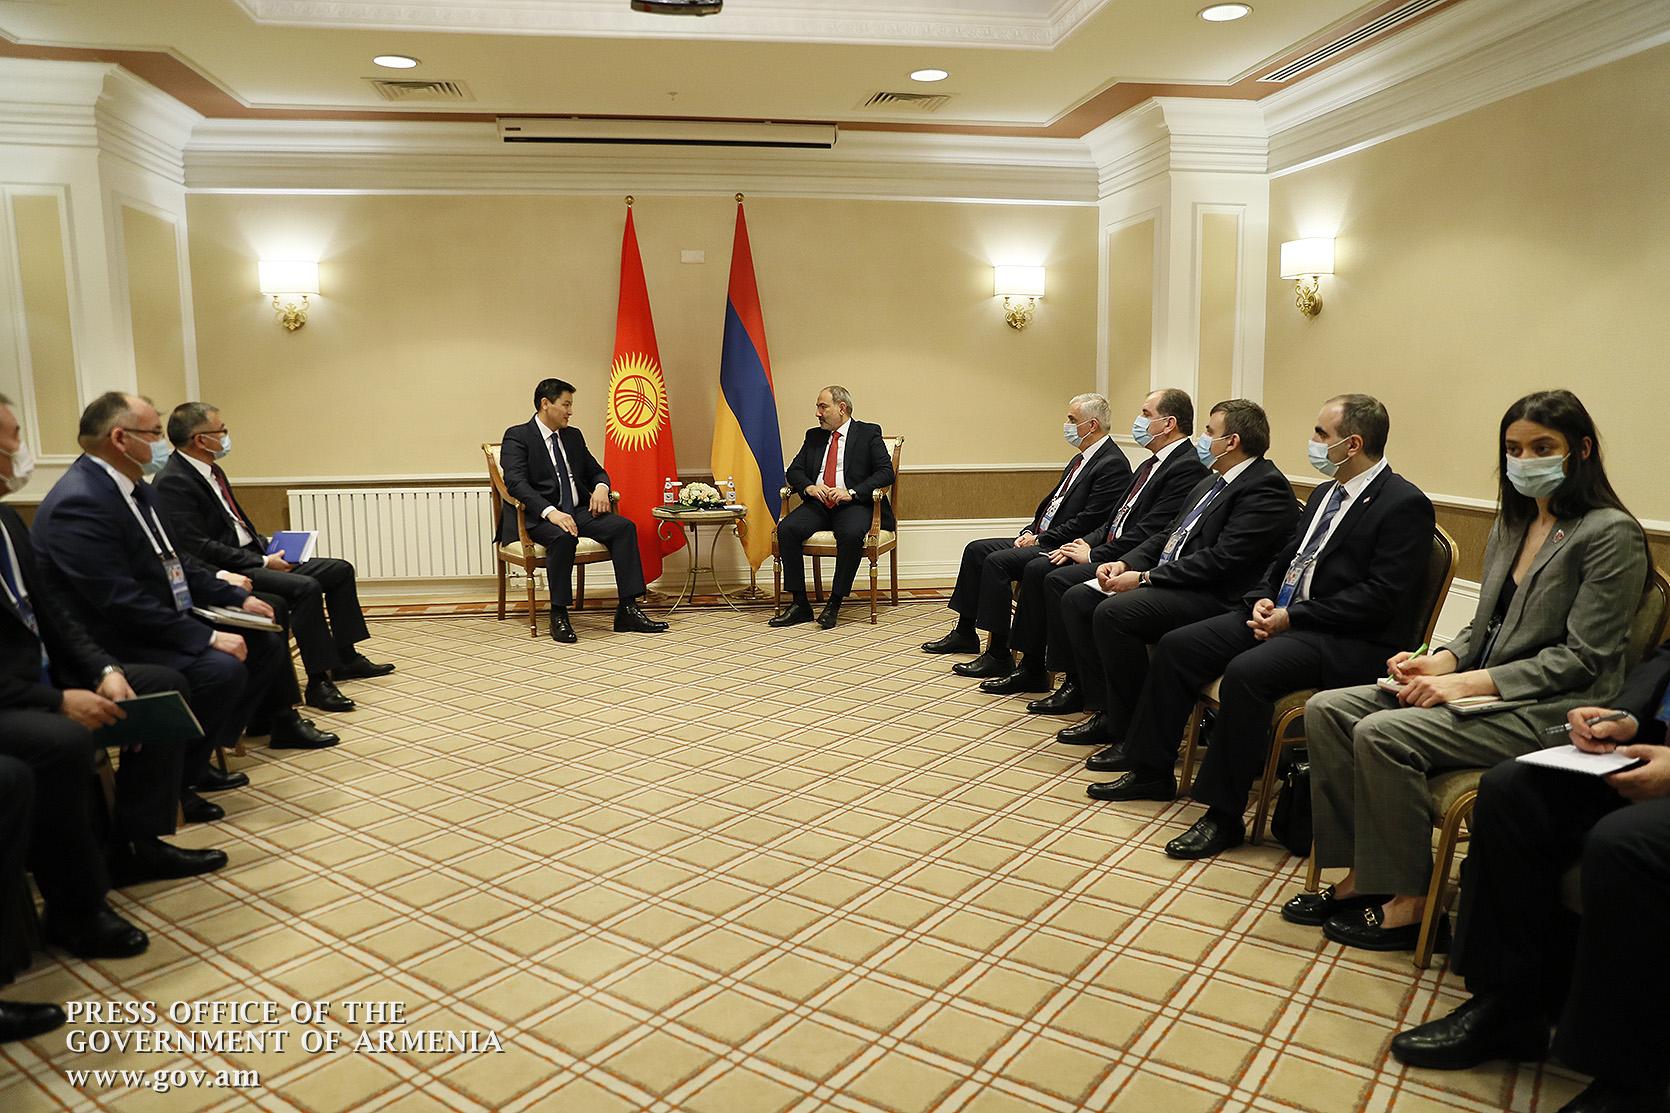 Photo of Հայաստանի և Ղրղզստանի վարչապետներն ընդգծել են քաղաքական երկխոսության բարձր մակարդակը